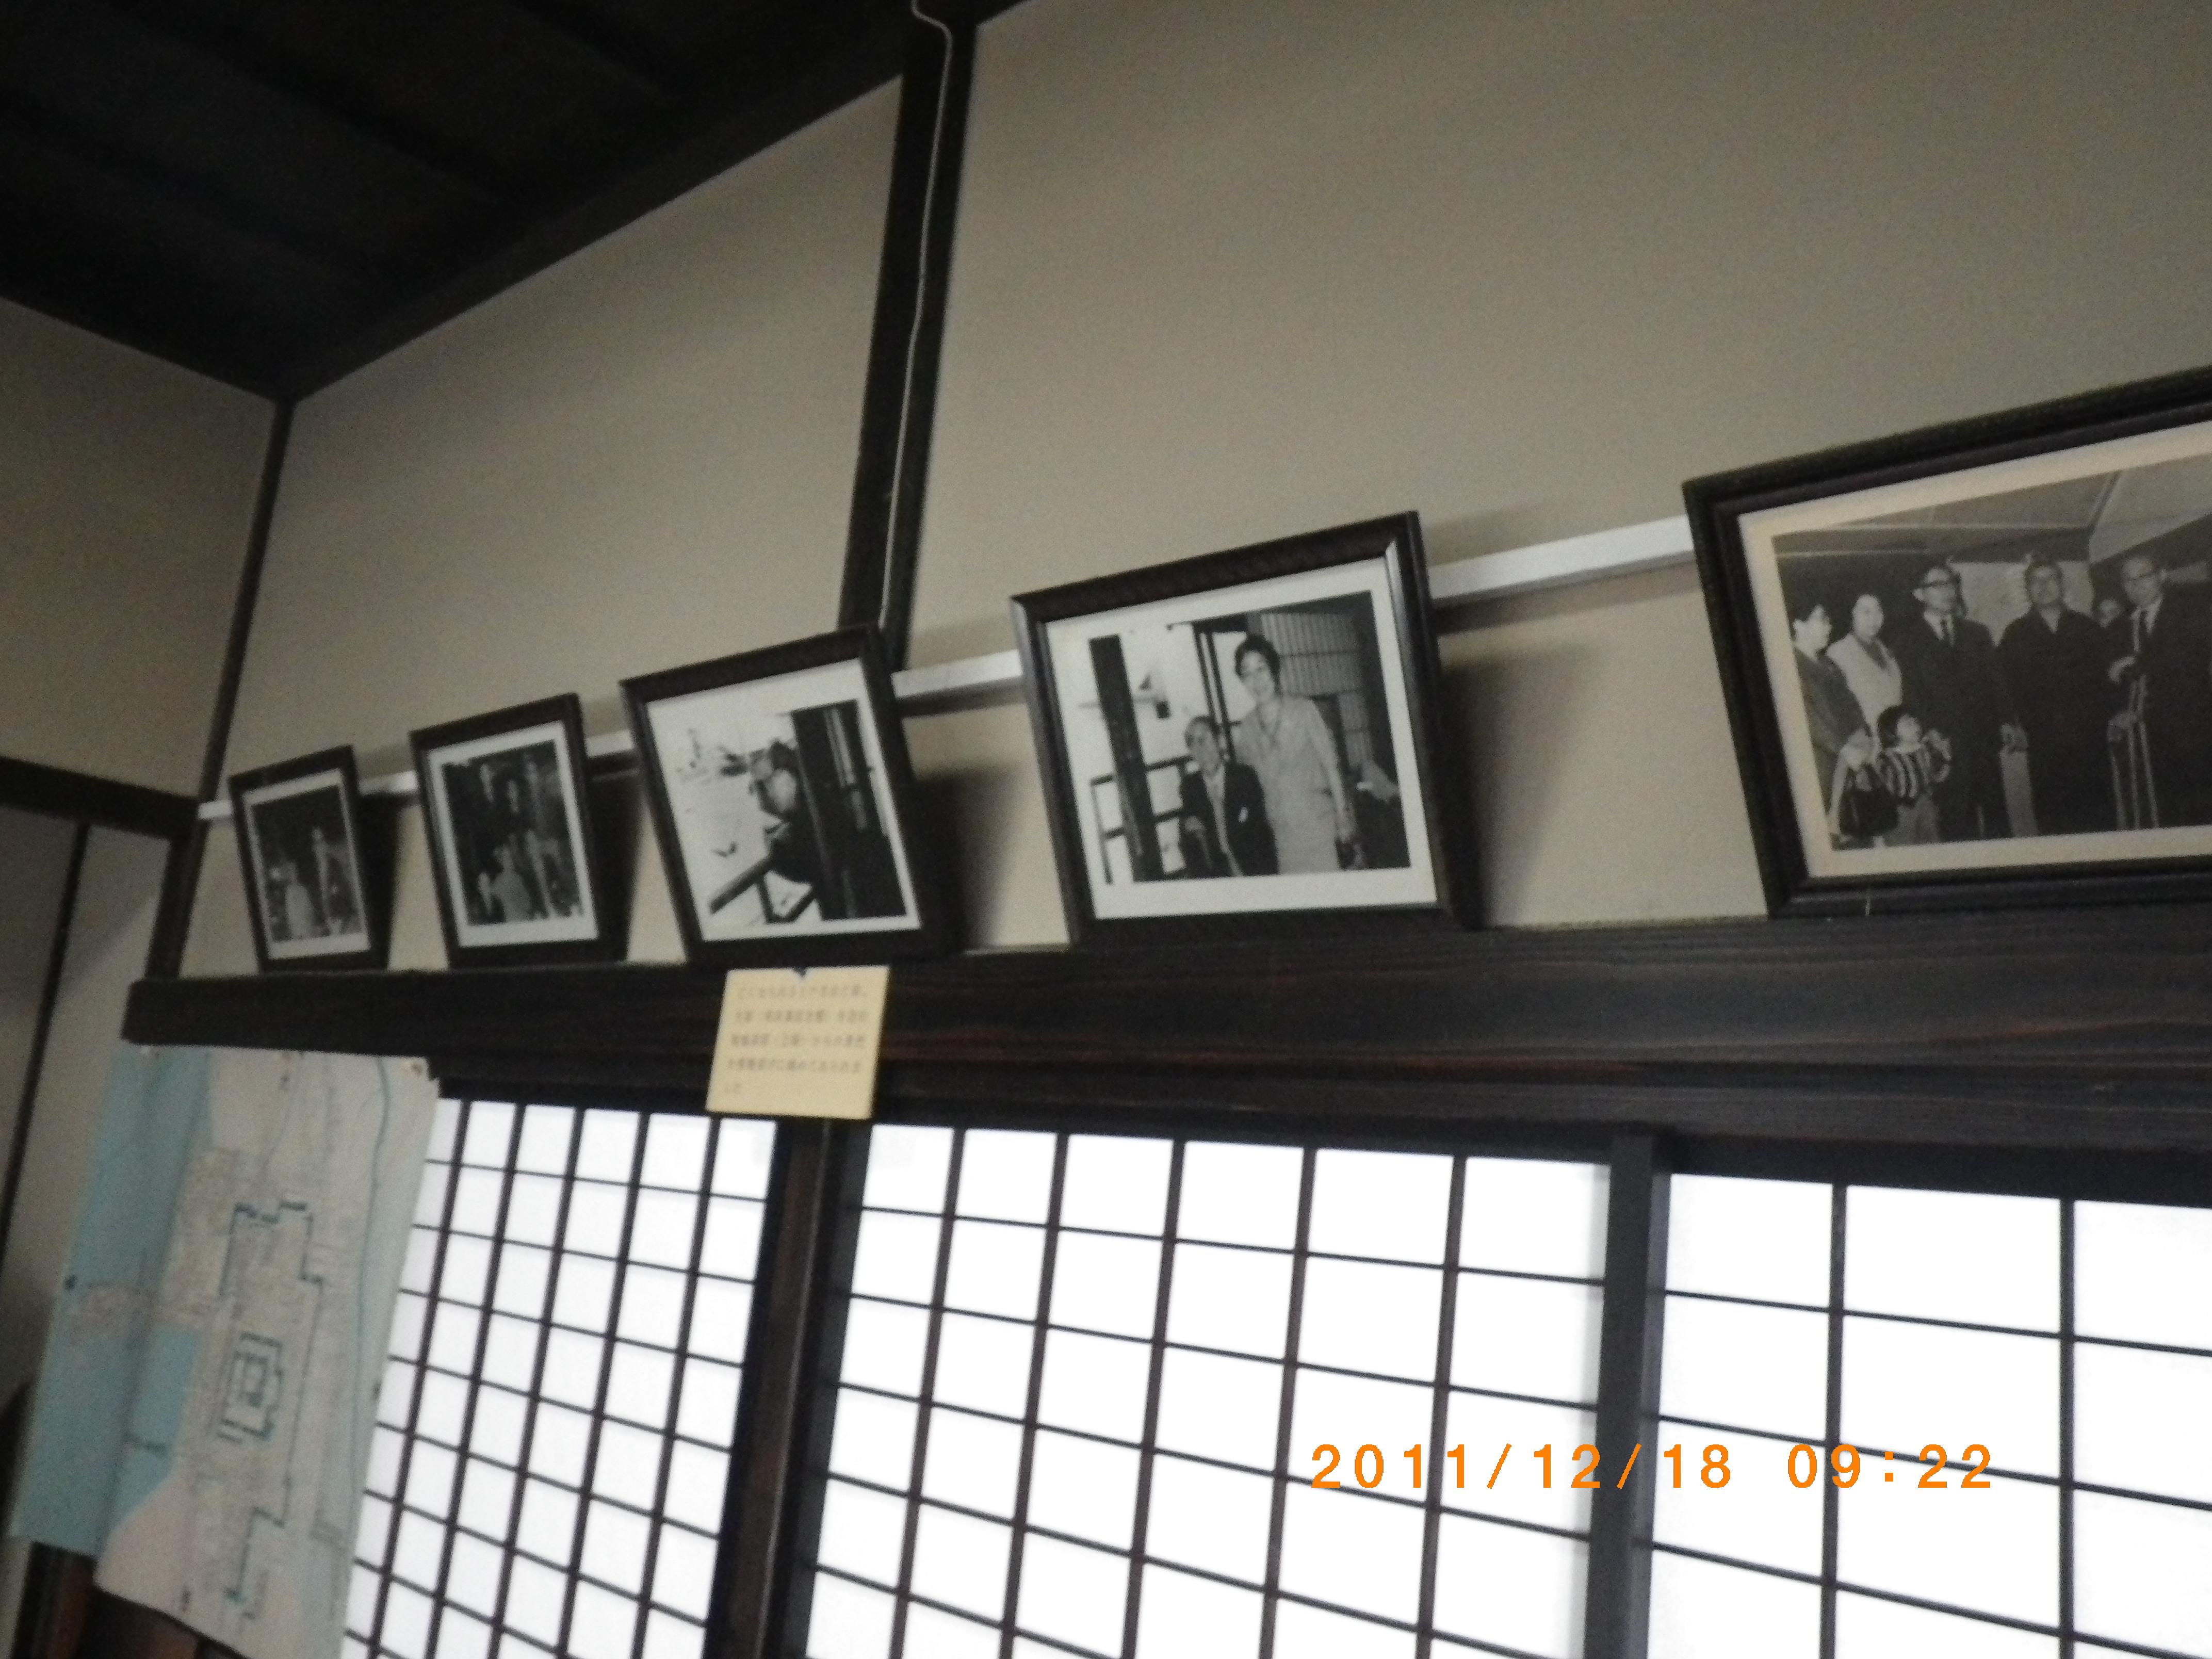 http://www.law-pro.jp/weblog/IMGP0633.JPG